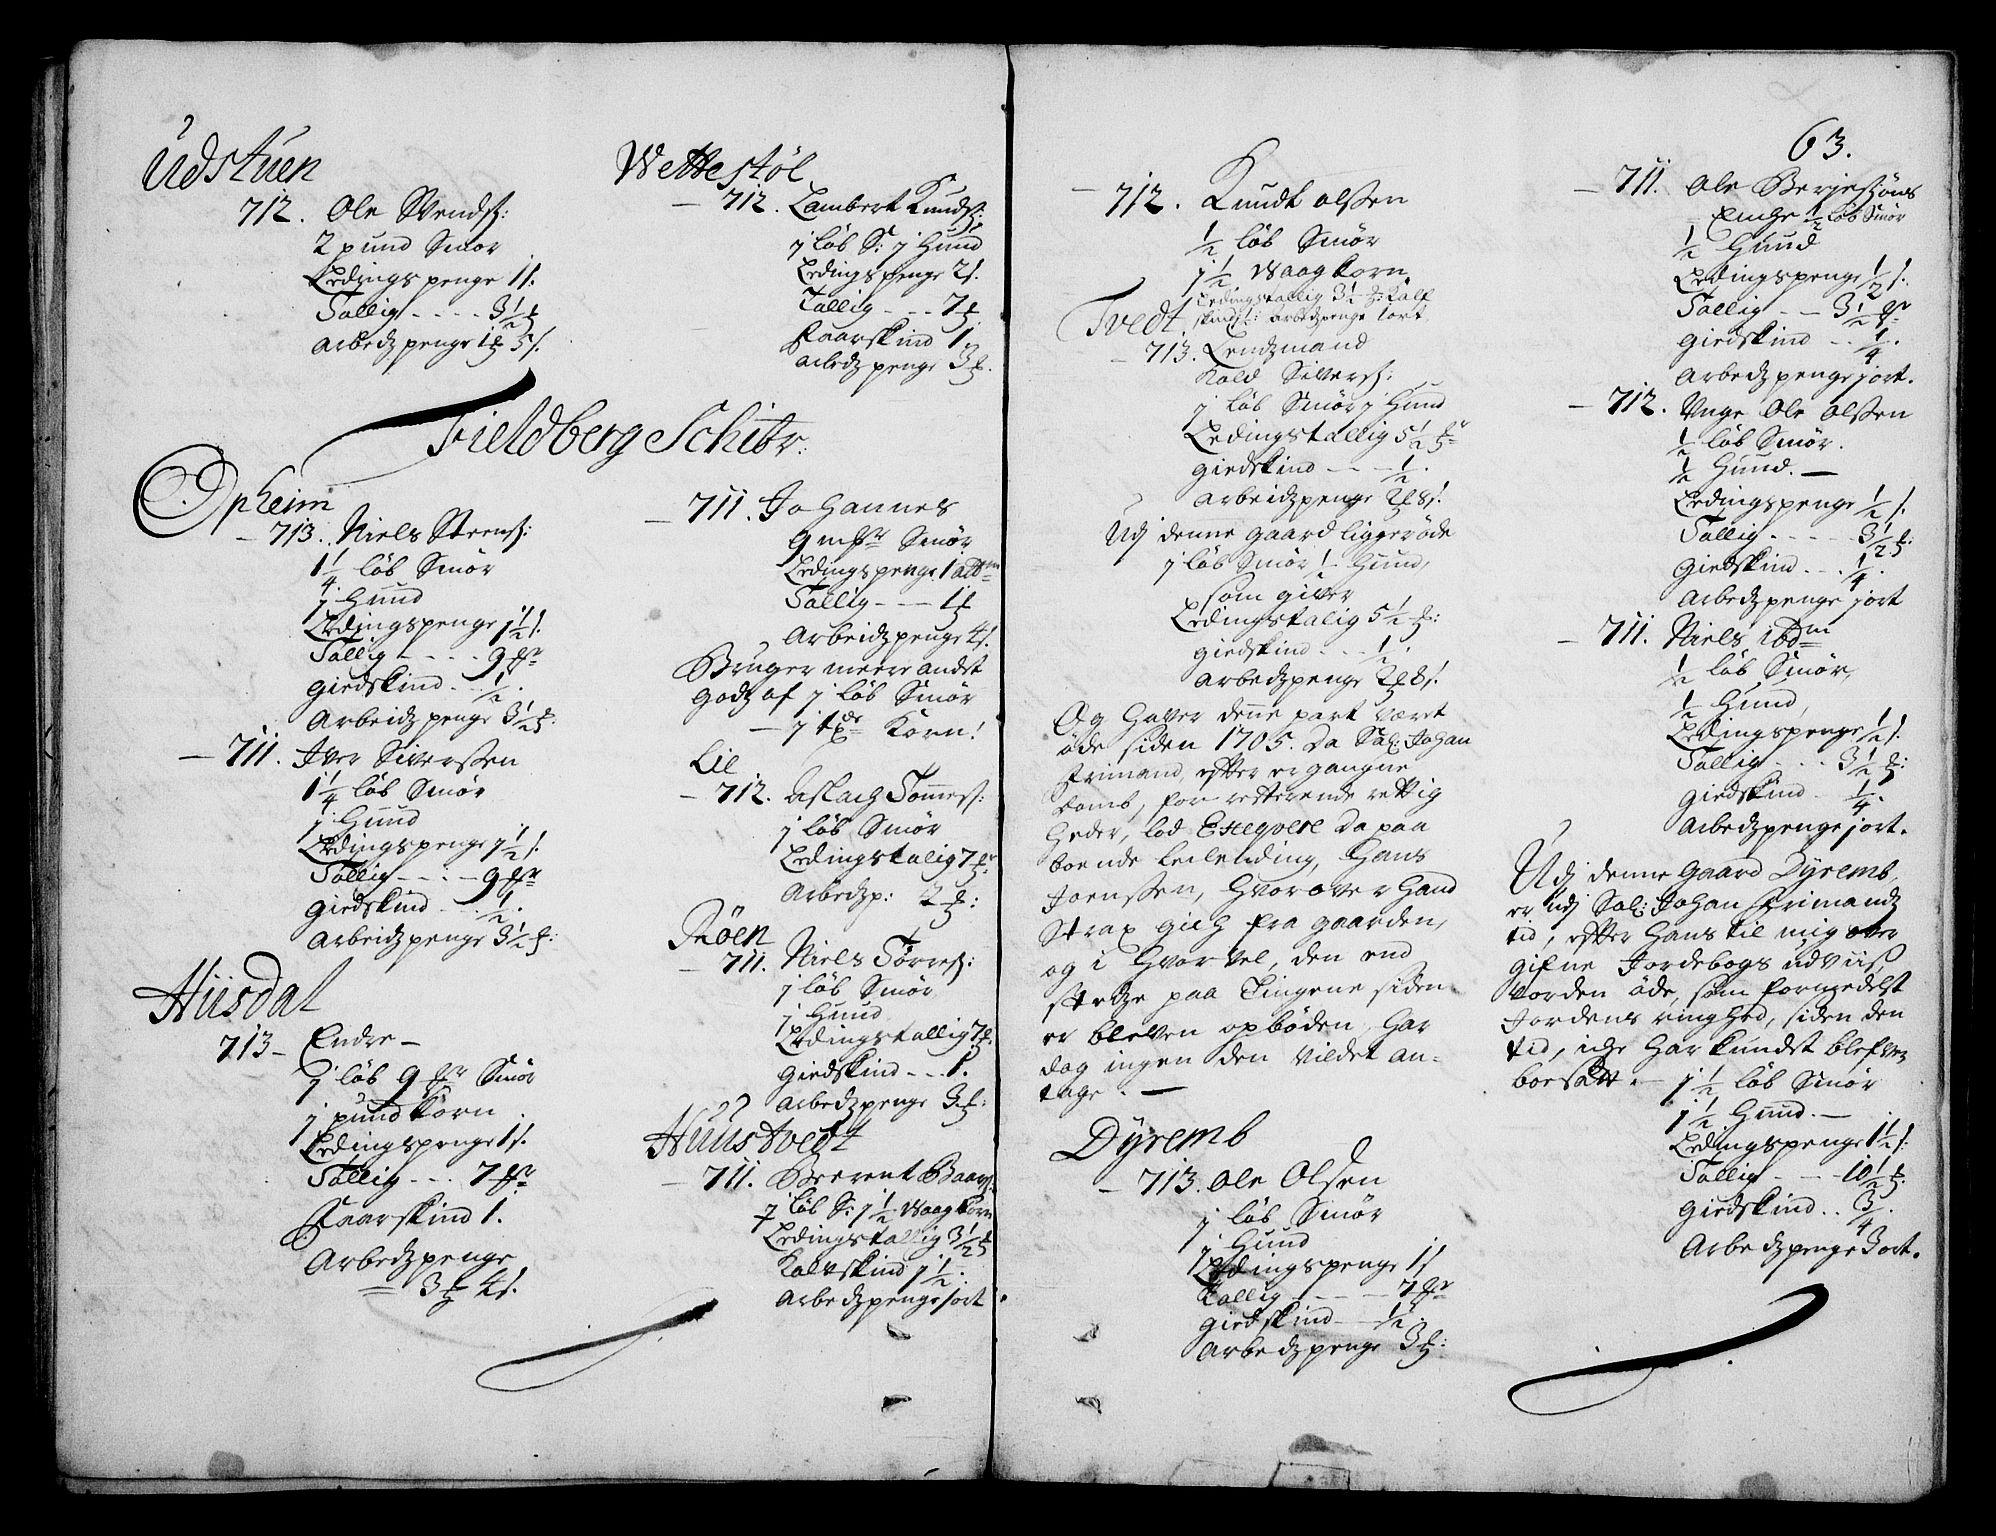 RA, Rentekammeret inntil 1814, Realistisk ordnet avdeling, On/L0003: [Jj 4]: Kommisjonsforretning over Vilhelm Hanssøns forpaktning av Halsnøy klosters gods, 1712-1722, s. 62b-63a